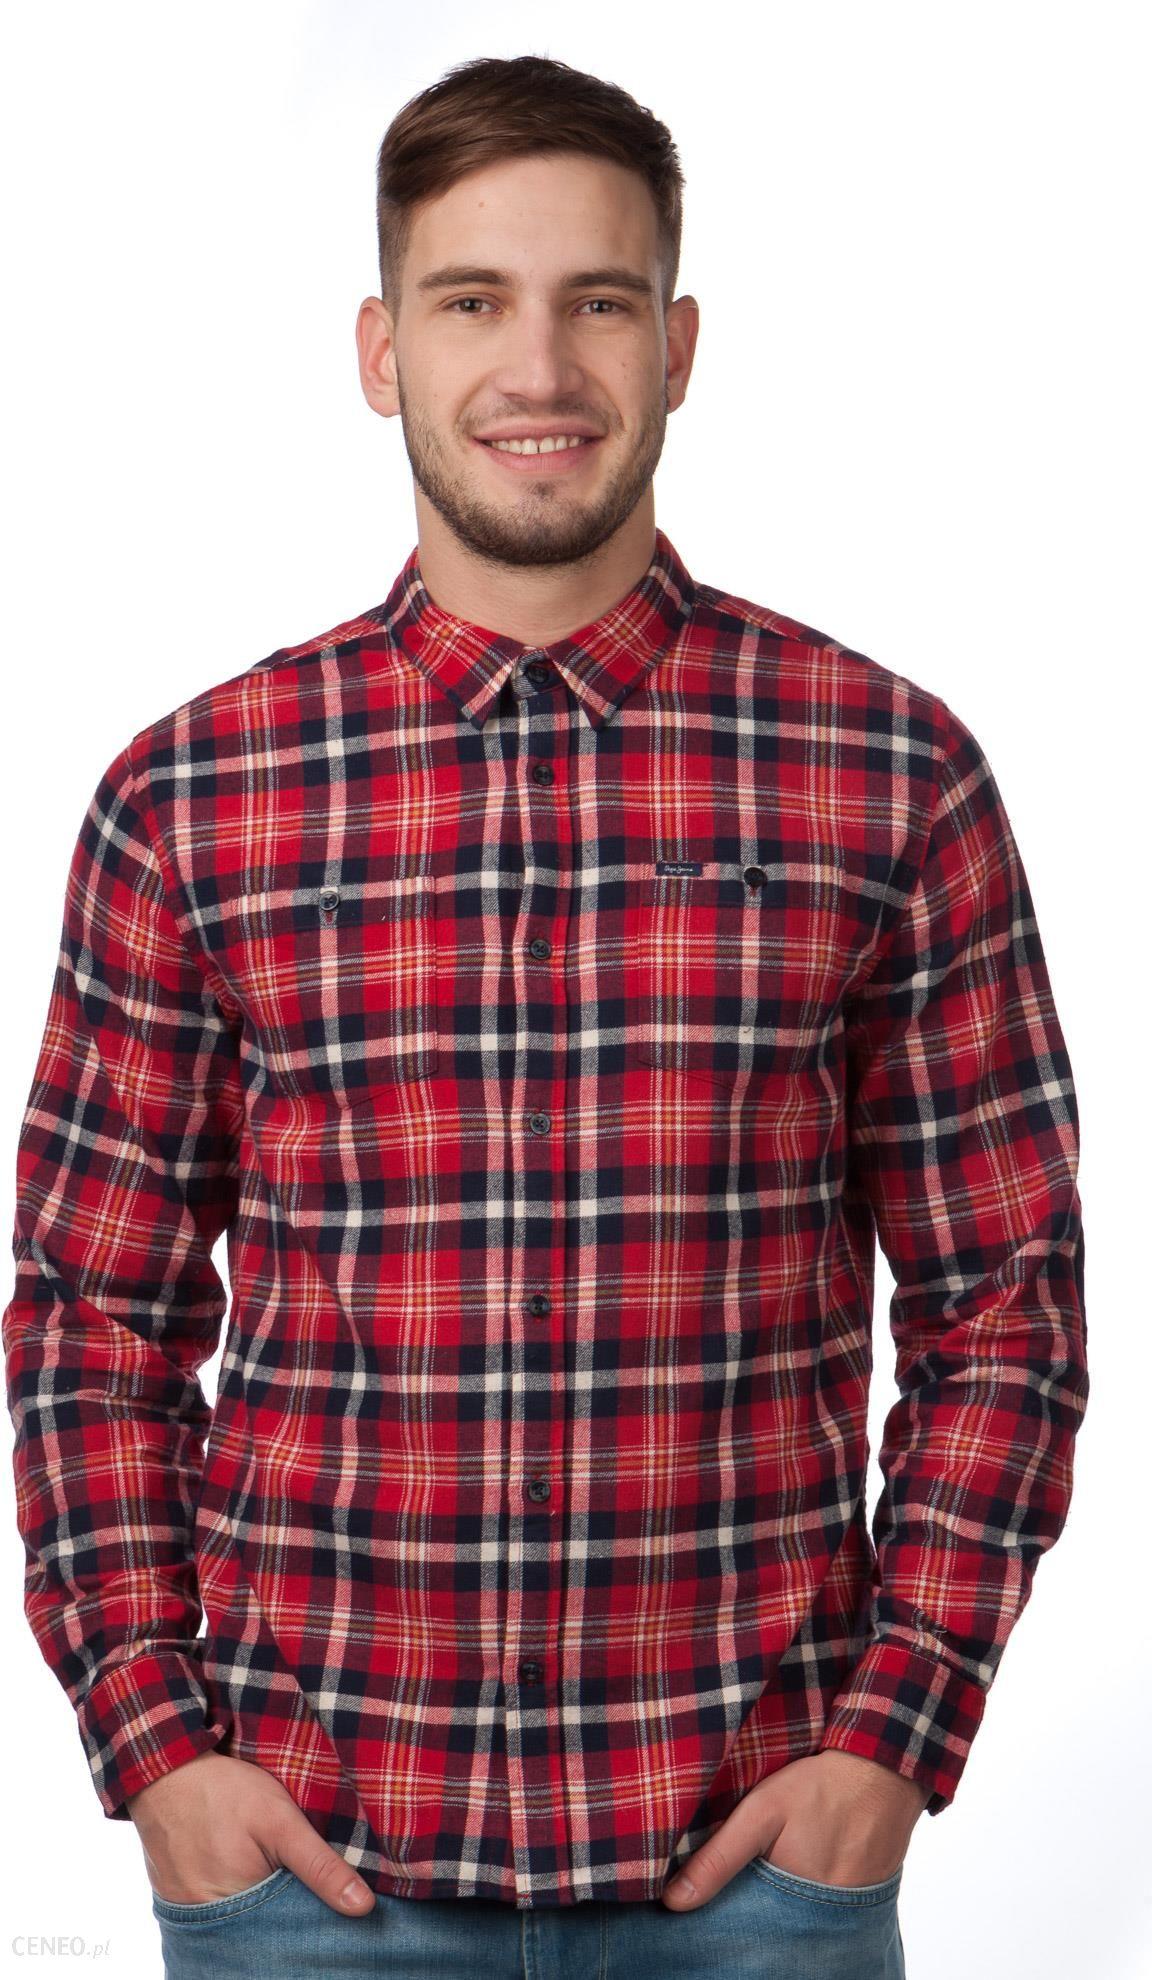 702899e2fb01e4 Pepe Jeans koszula męska Yank XXL czerwony, DOSTAWA GRATIS, BEZPŁATNY  ODBIÓR: WARSZAWA,